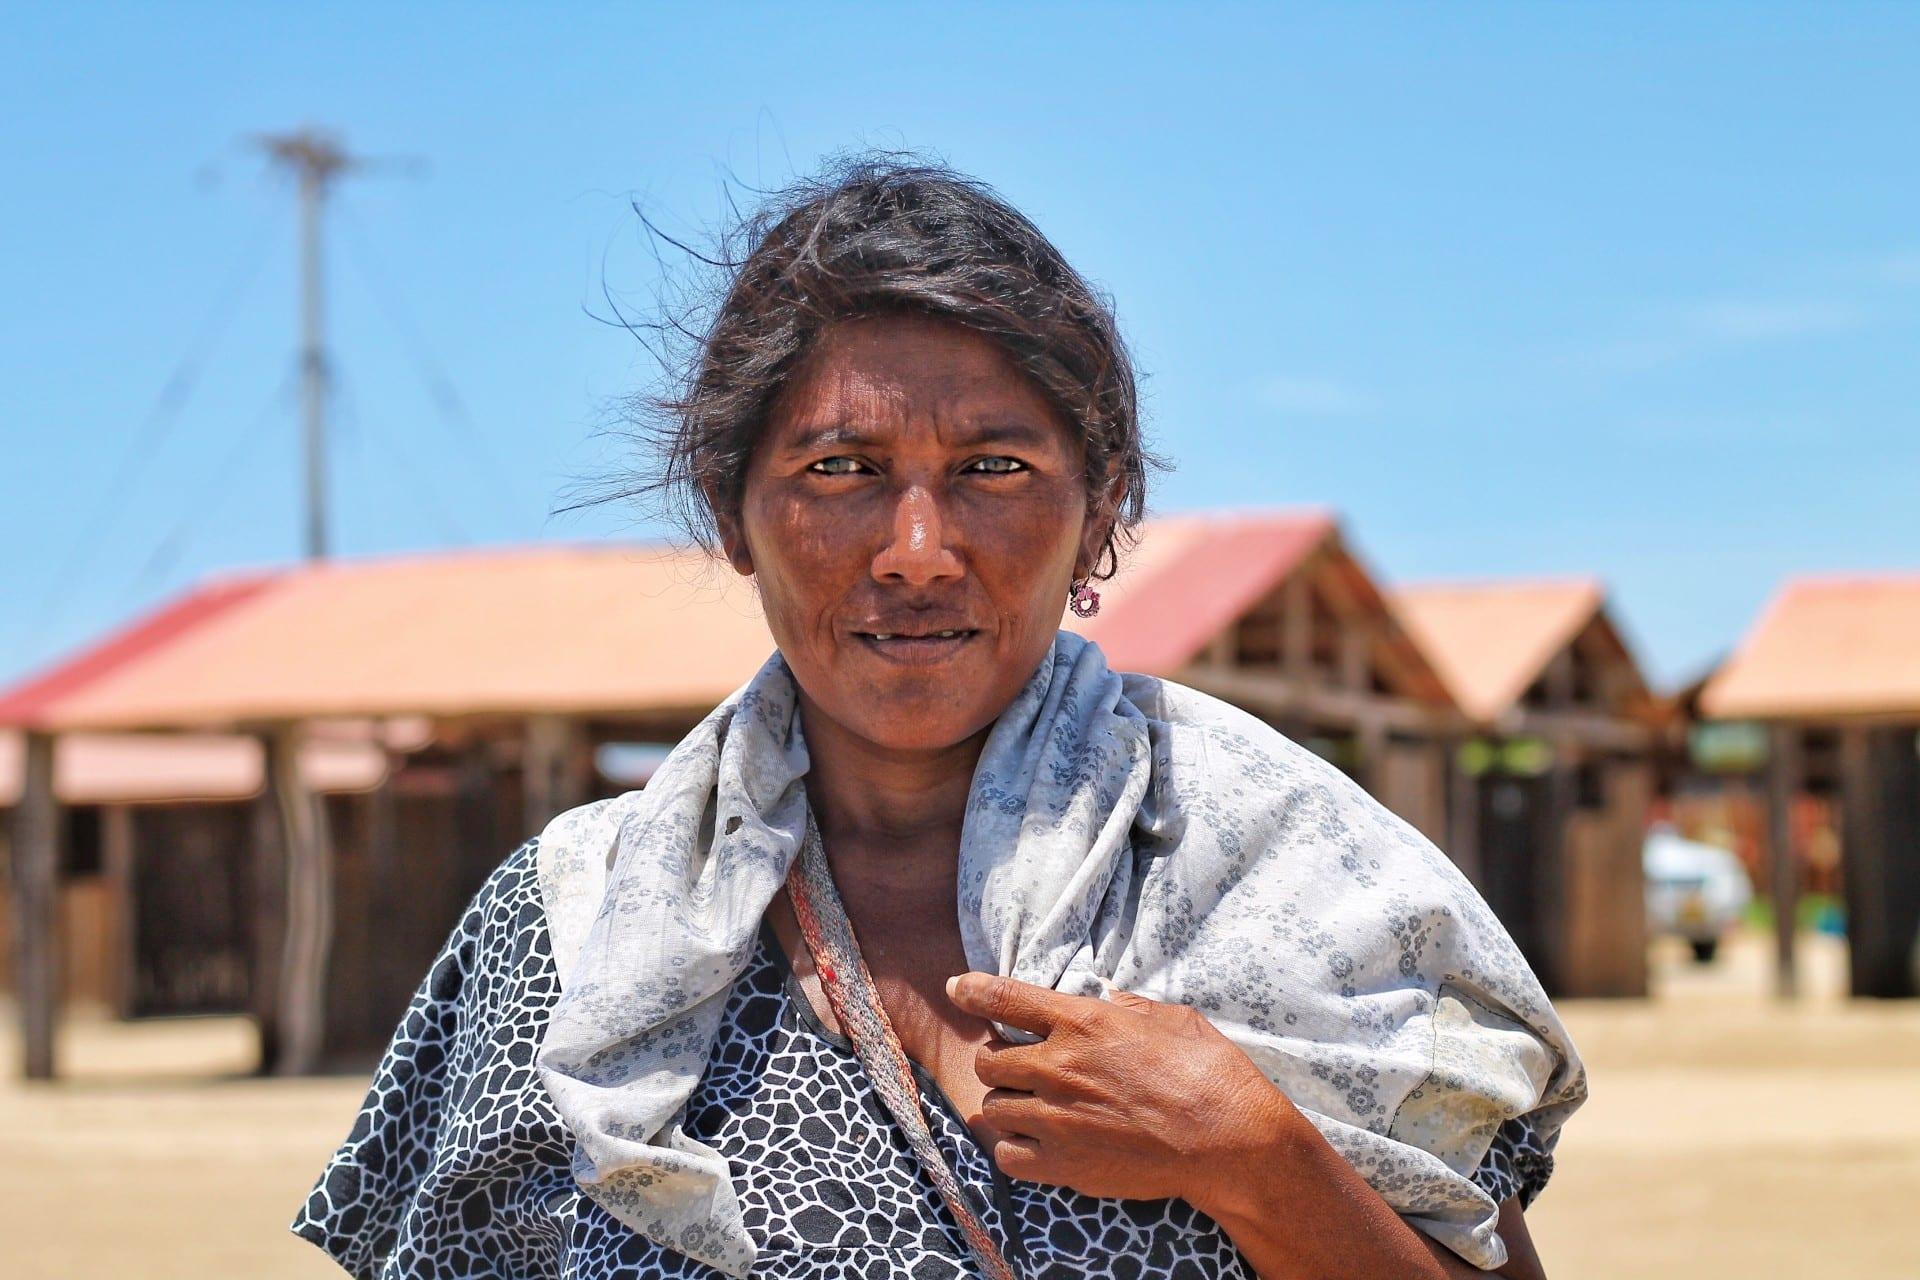 La Guajira : Plages Et Désert Colombien